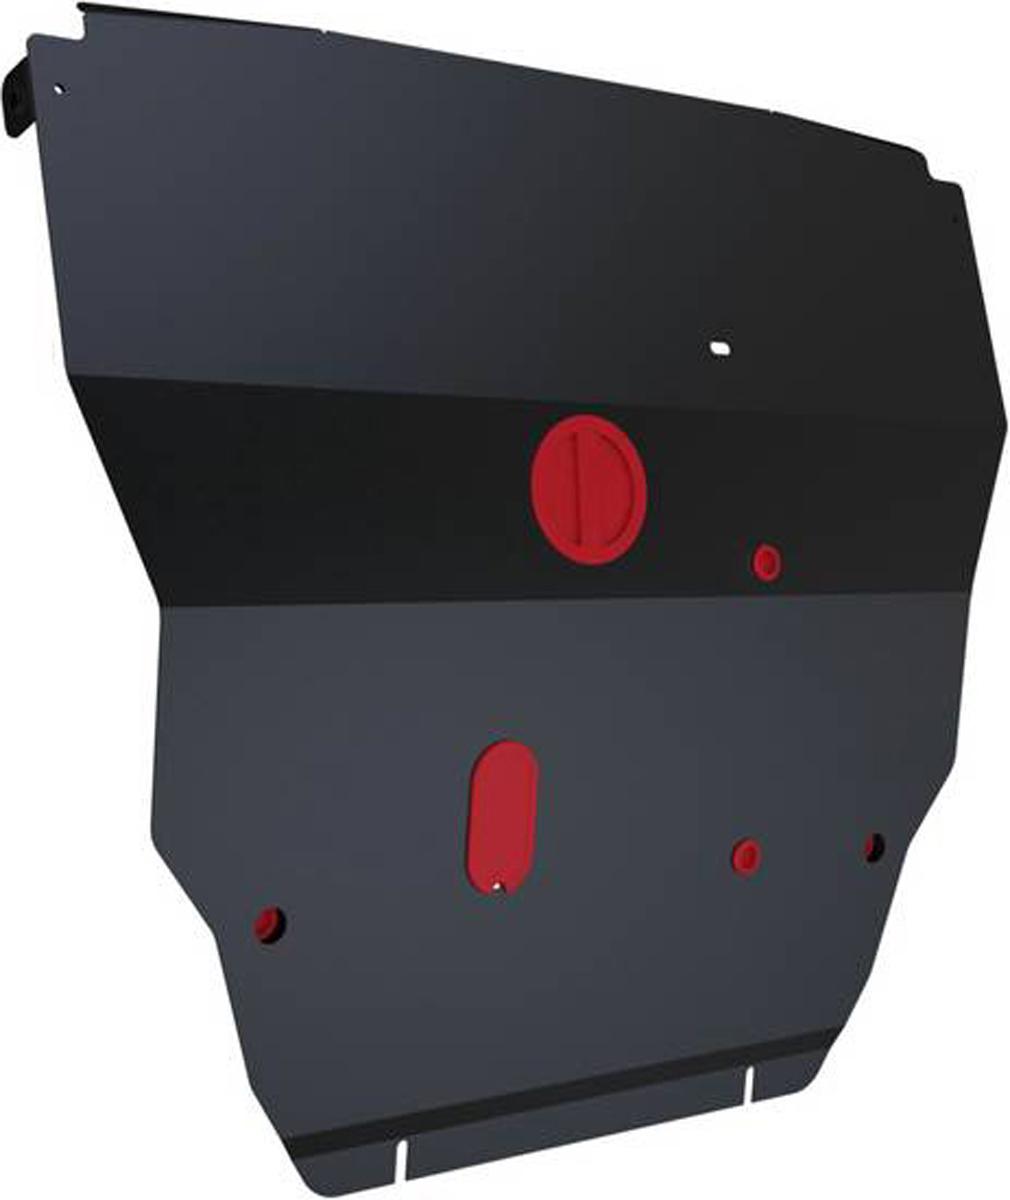 Защита картера и КПП Автоброня Mazda Tribute 2000-2007, сталь 2 мм111.03813.1Защита картера и КПП Автоброня Mazda Tribute, V-2,3 2000-2007, сталь 2 мм, комплект крепежа, 111.03813.1Стальные защиты Автоброня надежно защищают ваш автомобиль от повреждений при наезде на бордюры, выступающие канализационные люки, кромки поврежденного асфальта или при ремонте дорог, не говоря уже о загородных дорогах. - Имеют оптимальное соотношение цена-качество. - Спроектированы с учетом особенностей автомобиля, что делает установку удобной. - Защита устанавливается в штатные места кузова автомобиля. - Является надежной защитой для важных элементов на протяжении долгих лет. - Глубокий штамп дополнительно усиливает конструкцию защиты. - Подштамповка в местах крепления защищает крепеж от срезания. - Технологические отверстия там, где они необходимы для смены масла и слива воды, оборудованные заглушками, закрепленными на защите. Толщина стали 2 мм. В комплекте крепеж и инструкция по установке.Уважаемые клиенты! Обращаем ваше внимание на тот факт, что защита имеет форму, соответствующую модели данного автомобиля. Наличие глубокого штампа и лючков для смены фильтров/масла предусмотрено не на всех защитах. Фото служит для визуального восприятия товара.